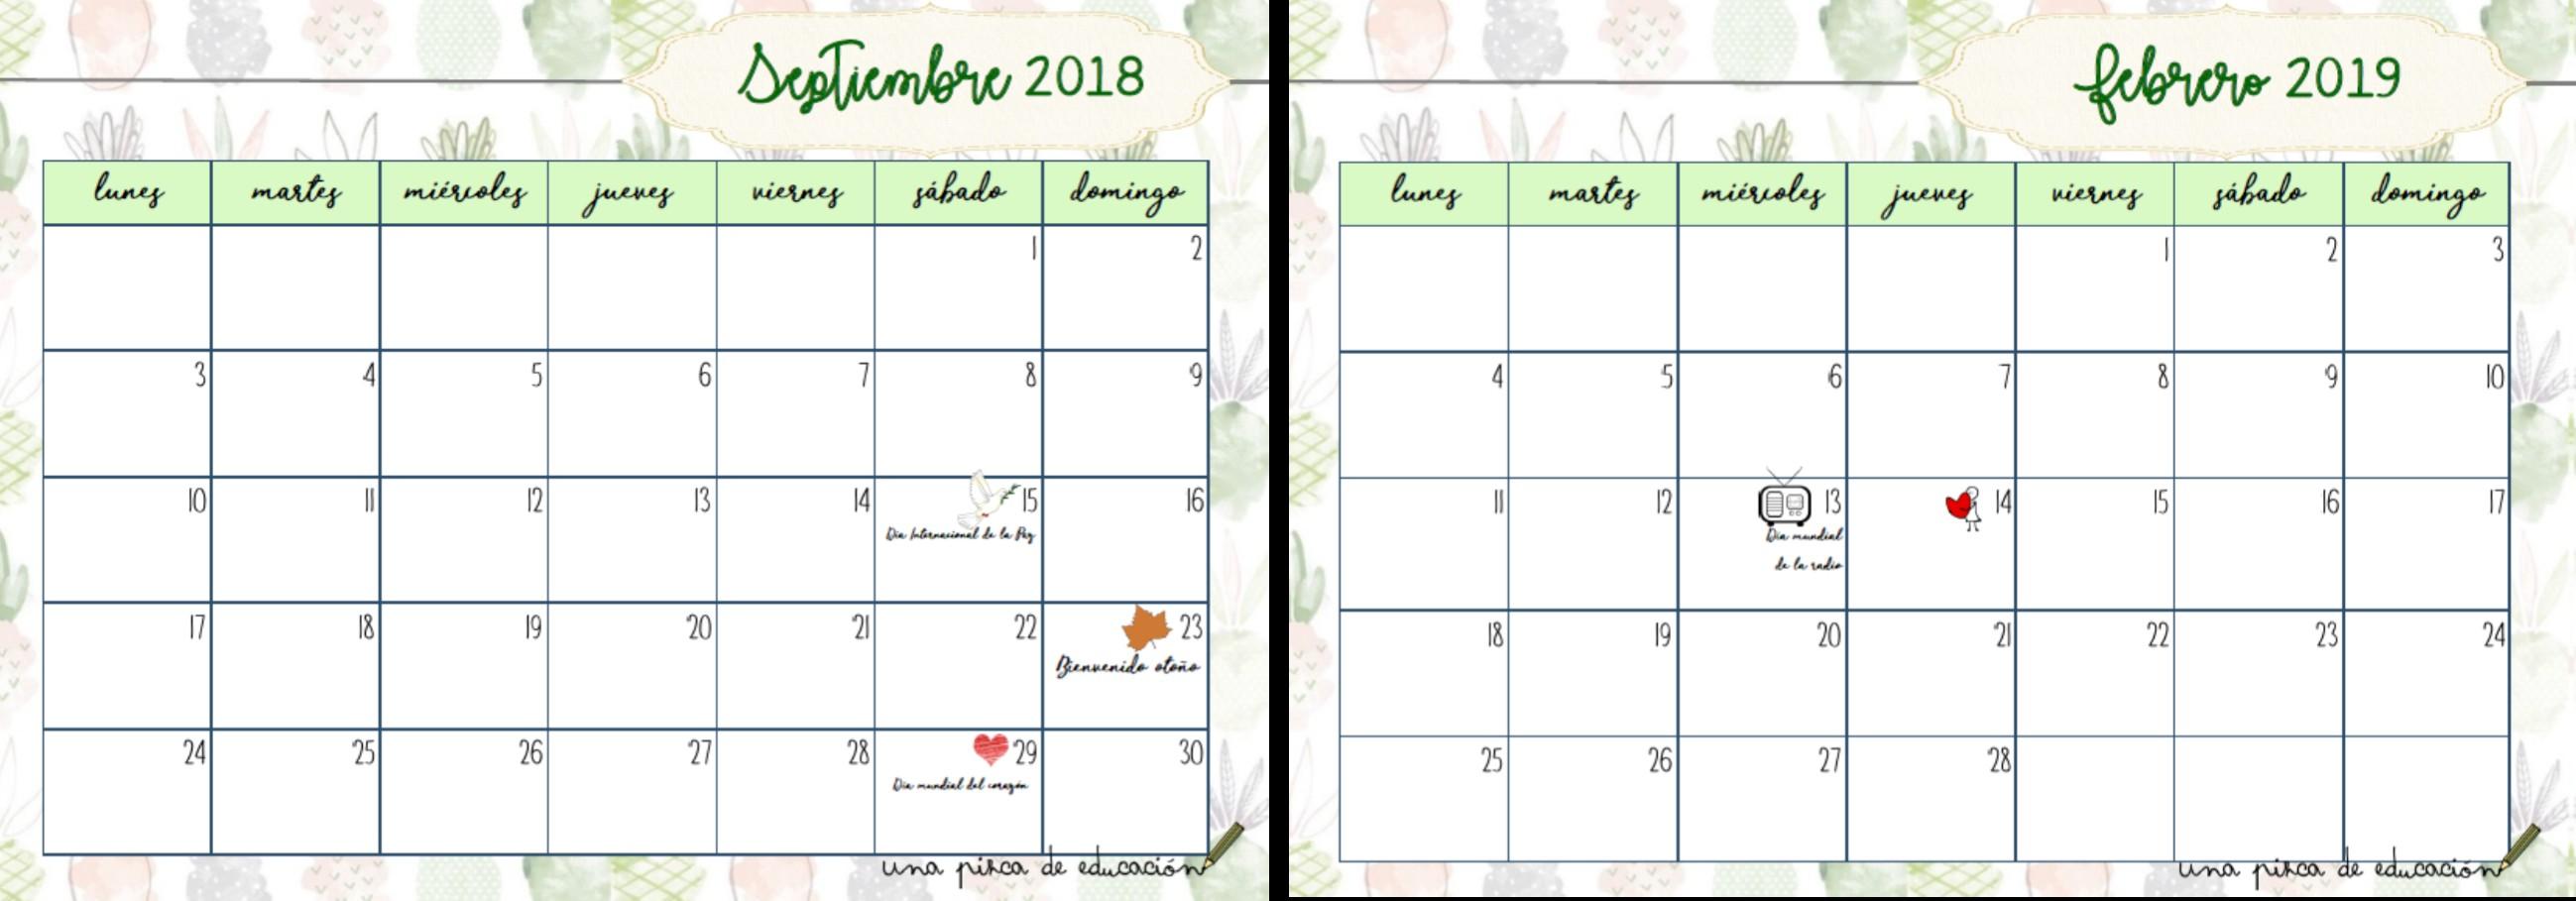 Imprimir Calendario Julio Agosto Y Septiembre 2019 Más Recientes Calendario Para Maestros Una Pizca De Educaci³n Of Imprimir Calendario Julio Agosto Y Septiembre 2019 Más Caliente Calendario Agosto 2018 Para Imprimir Icalendario